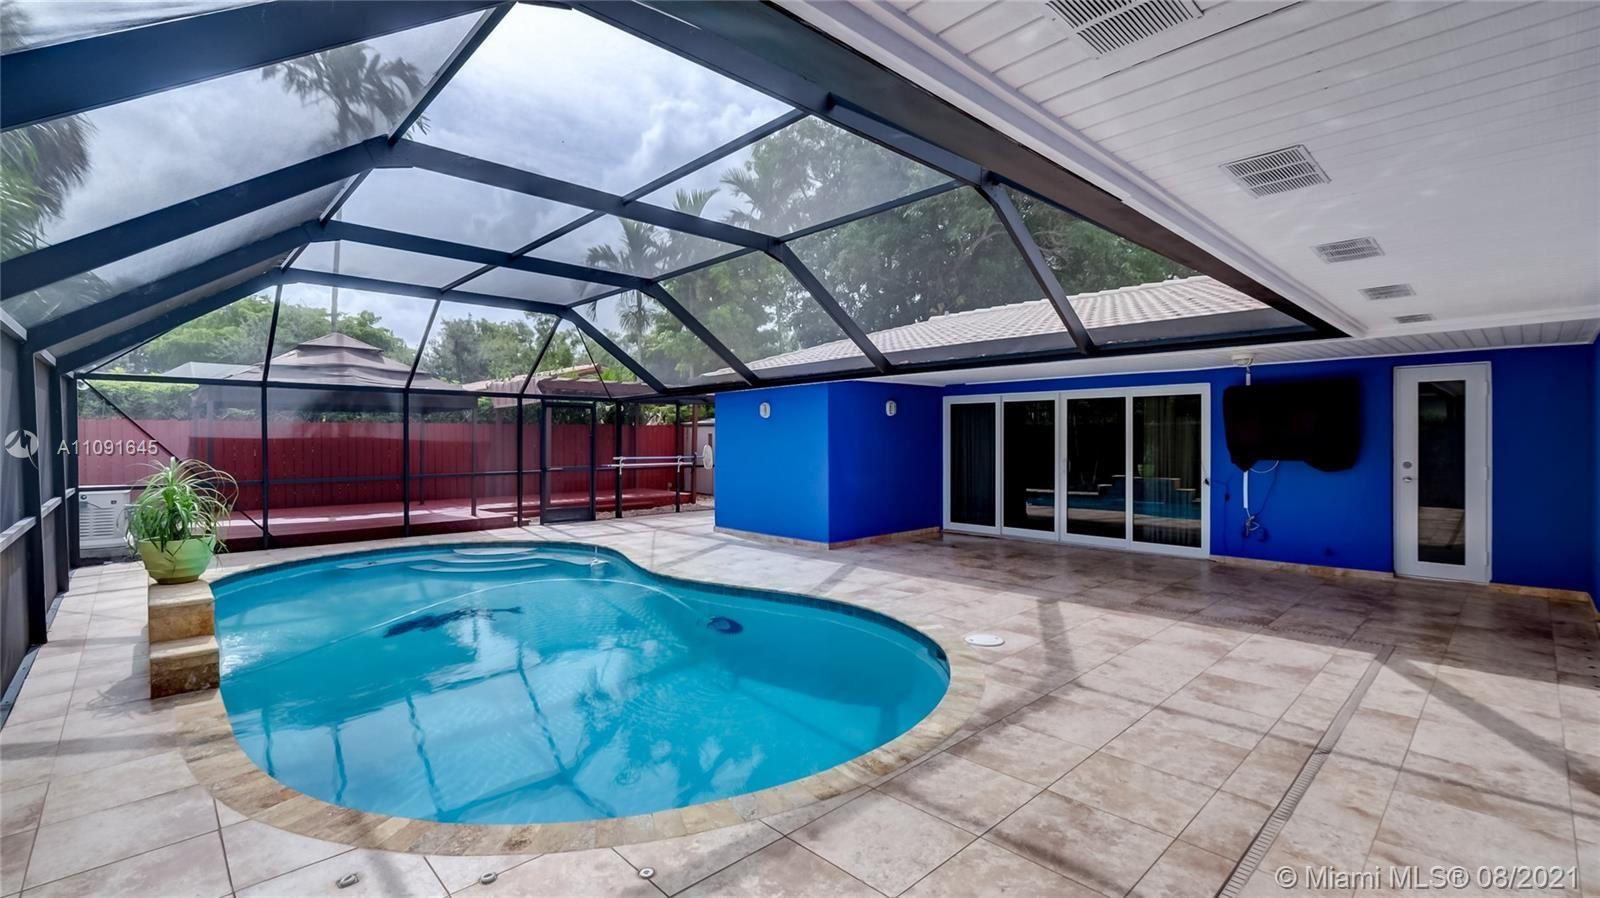 14121 Cypress Ct, Miami Lakes, FL 33014 - #: A11091645